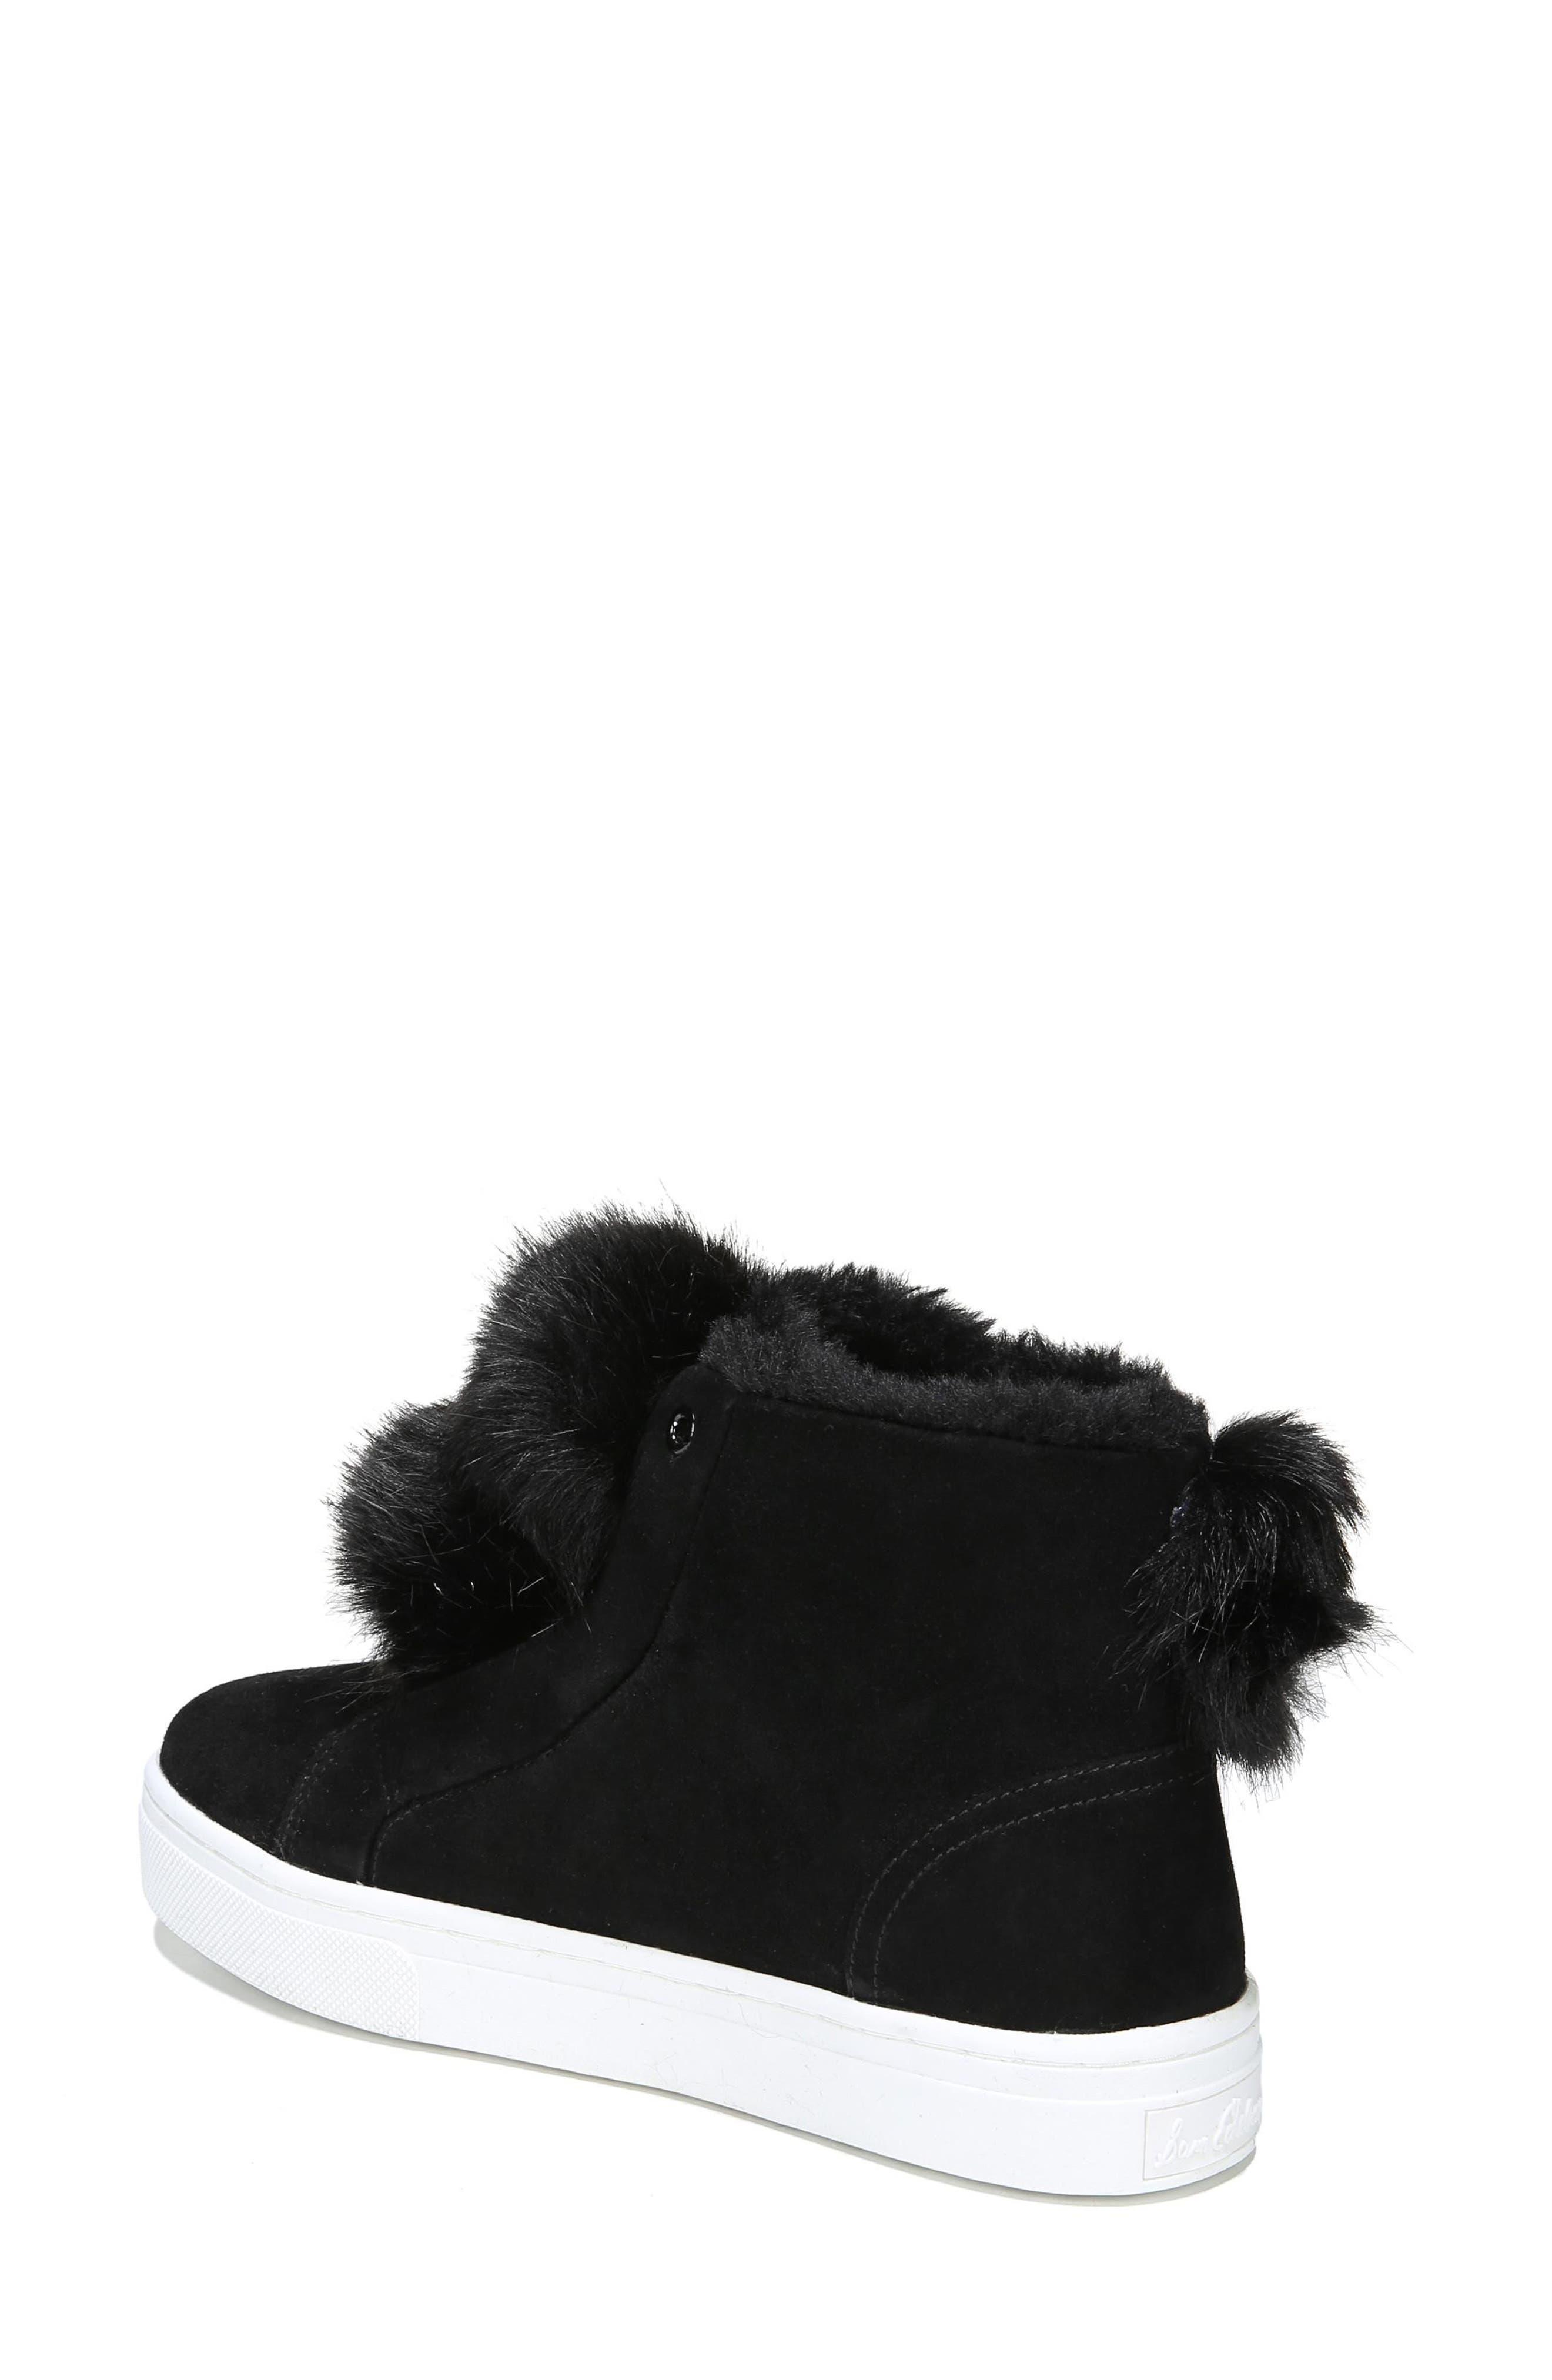 Lear Faux Fur Sneaker,                             Alternate thumbnail 2, color,                             Black Suede